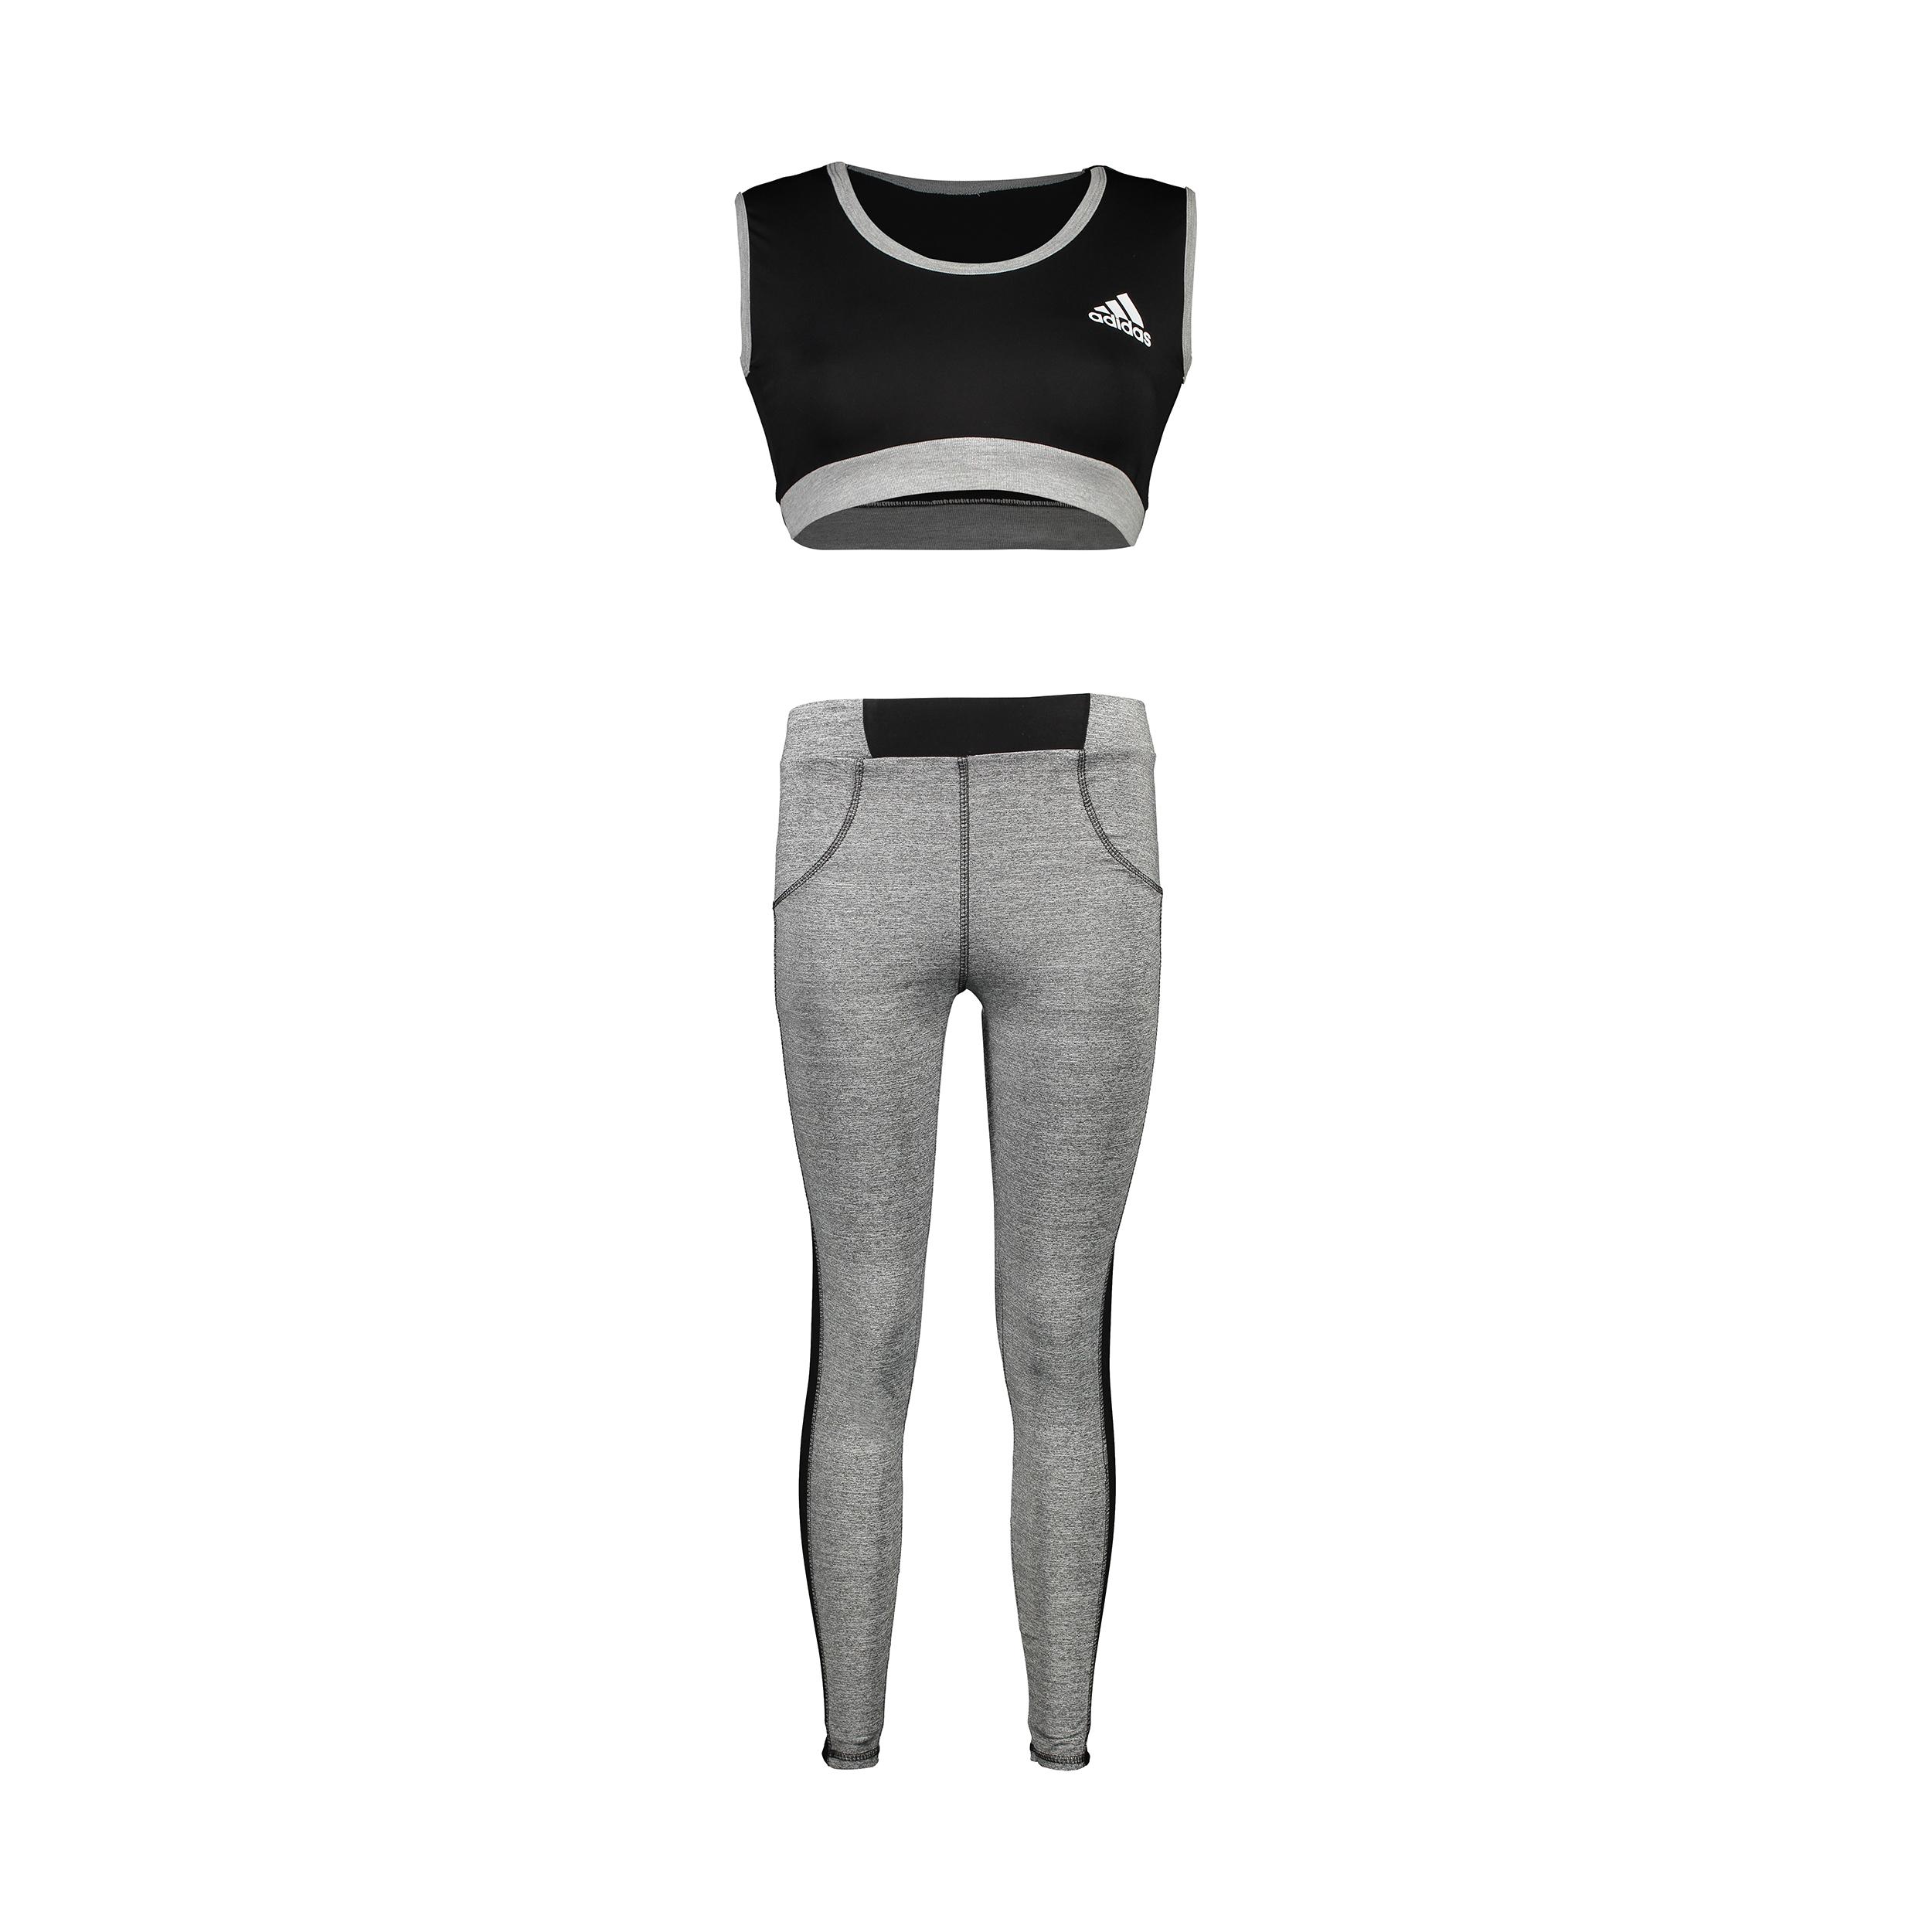 ست نیم تنه و لگینگ ورزشی زنانه کد PL156